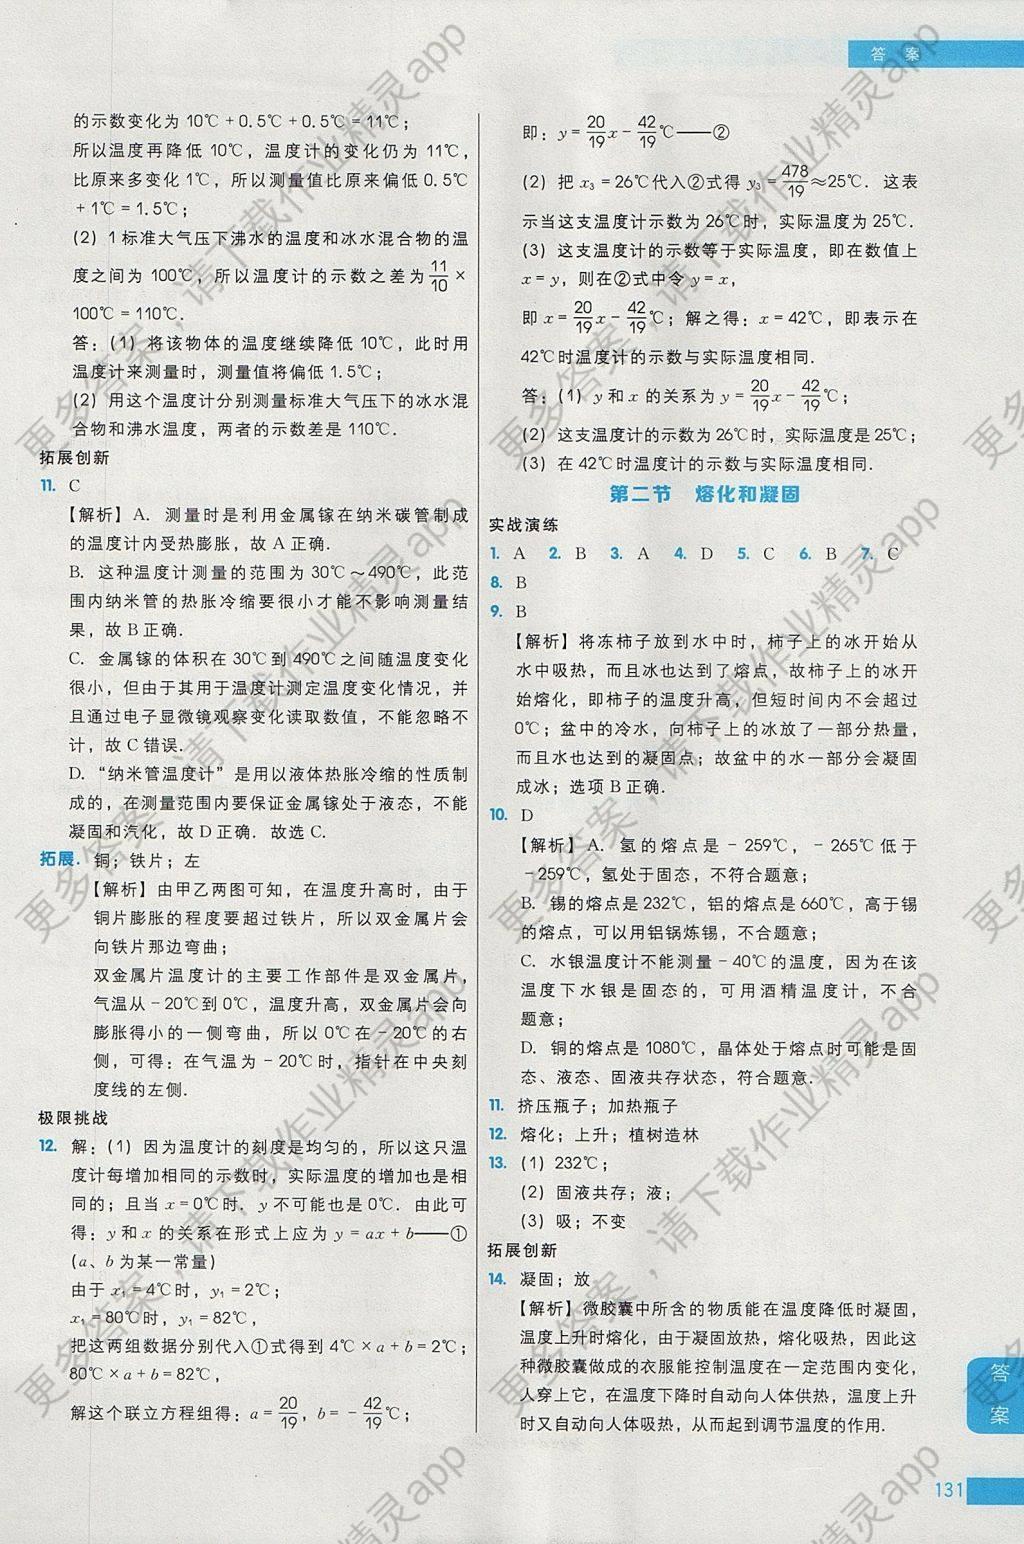 2017年学而思规矩初中秘籍培优课堂练习八年的沛沛县初中物理图片